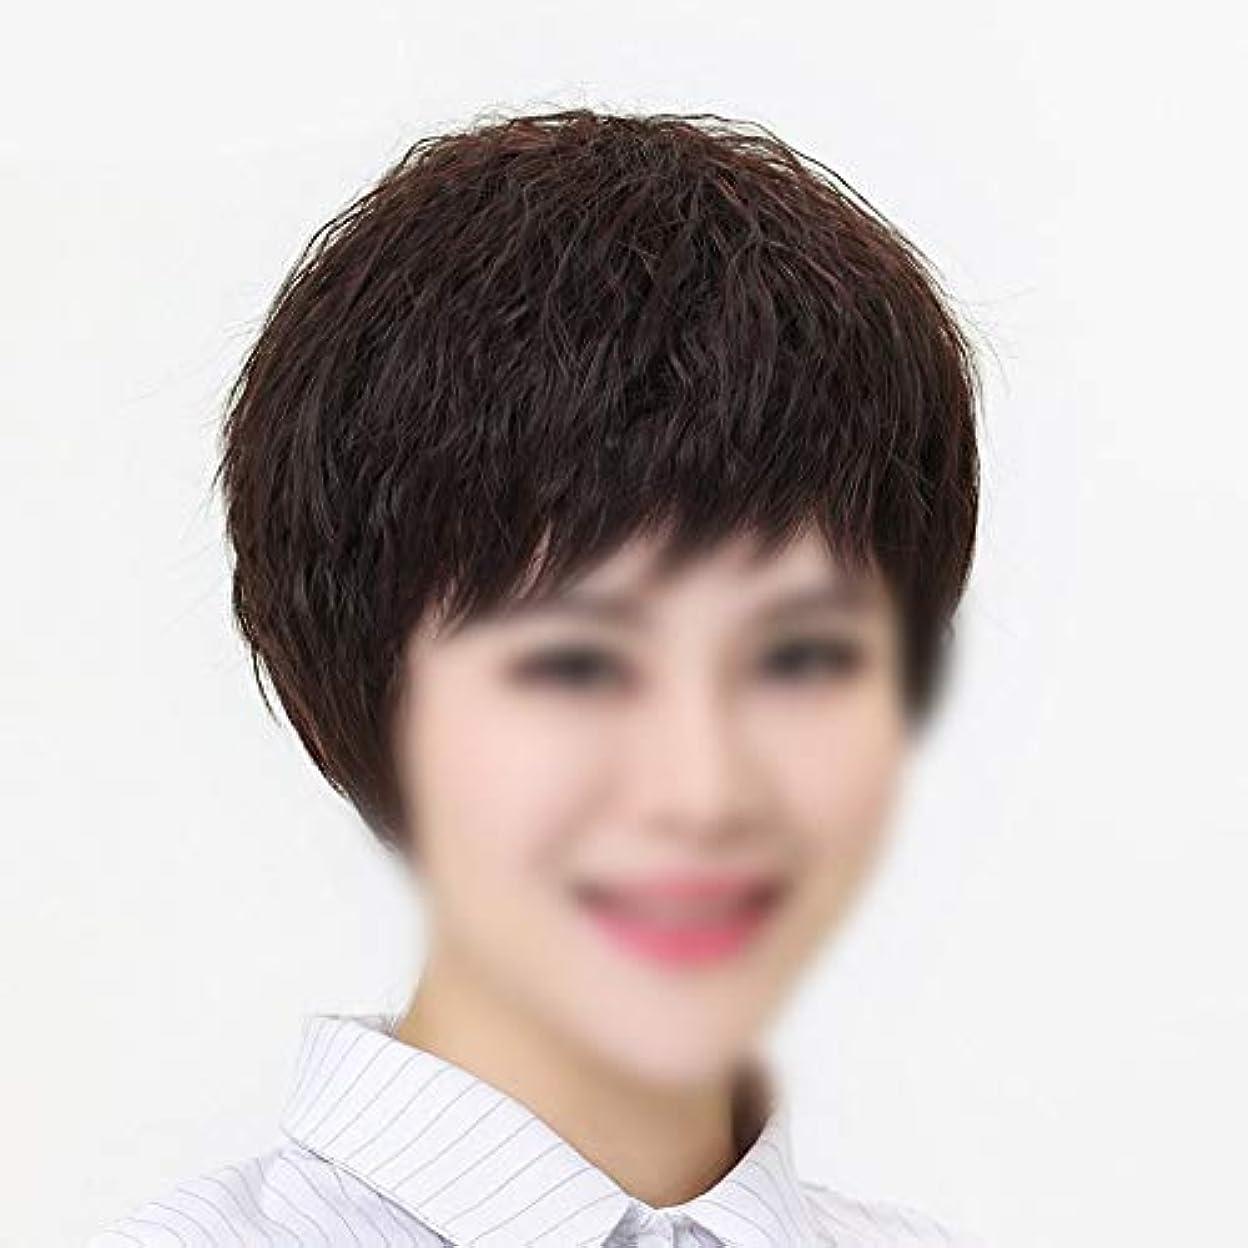 征服者完璧微弱YOUQIU 女性のかつらのためにボブショートストレートヘアナチュラルヘアエクステンションリアルタイム毛ウィッグ (色 : Dark brown, サイズ : Mechanism)